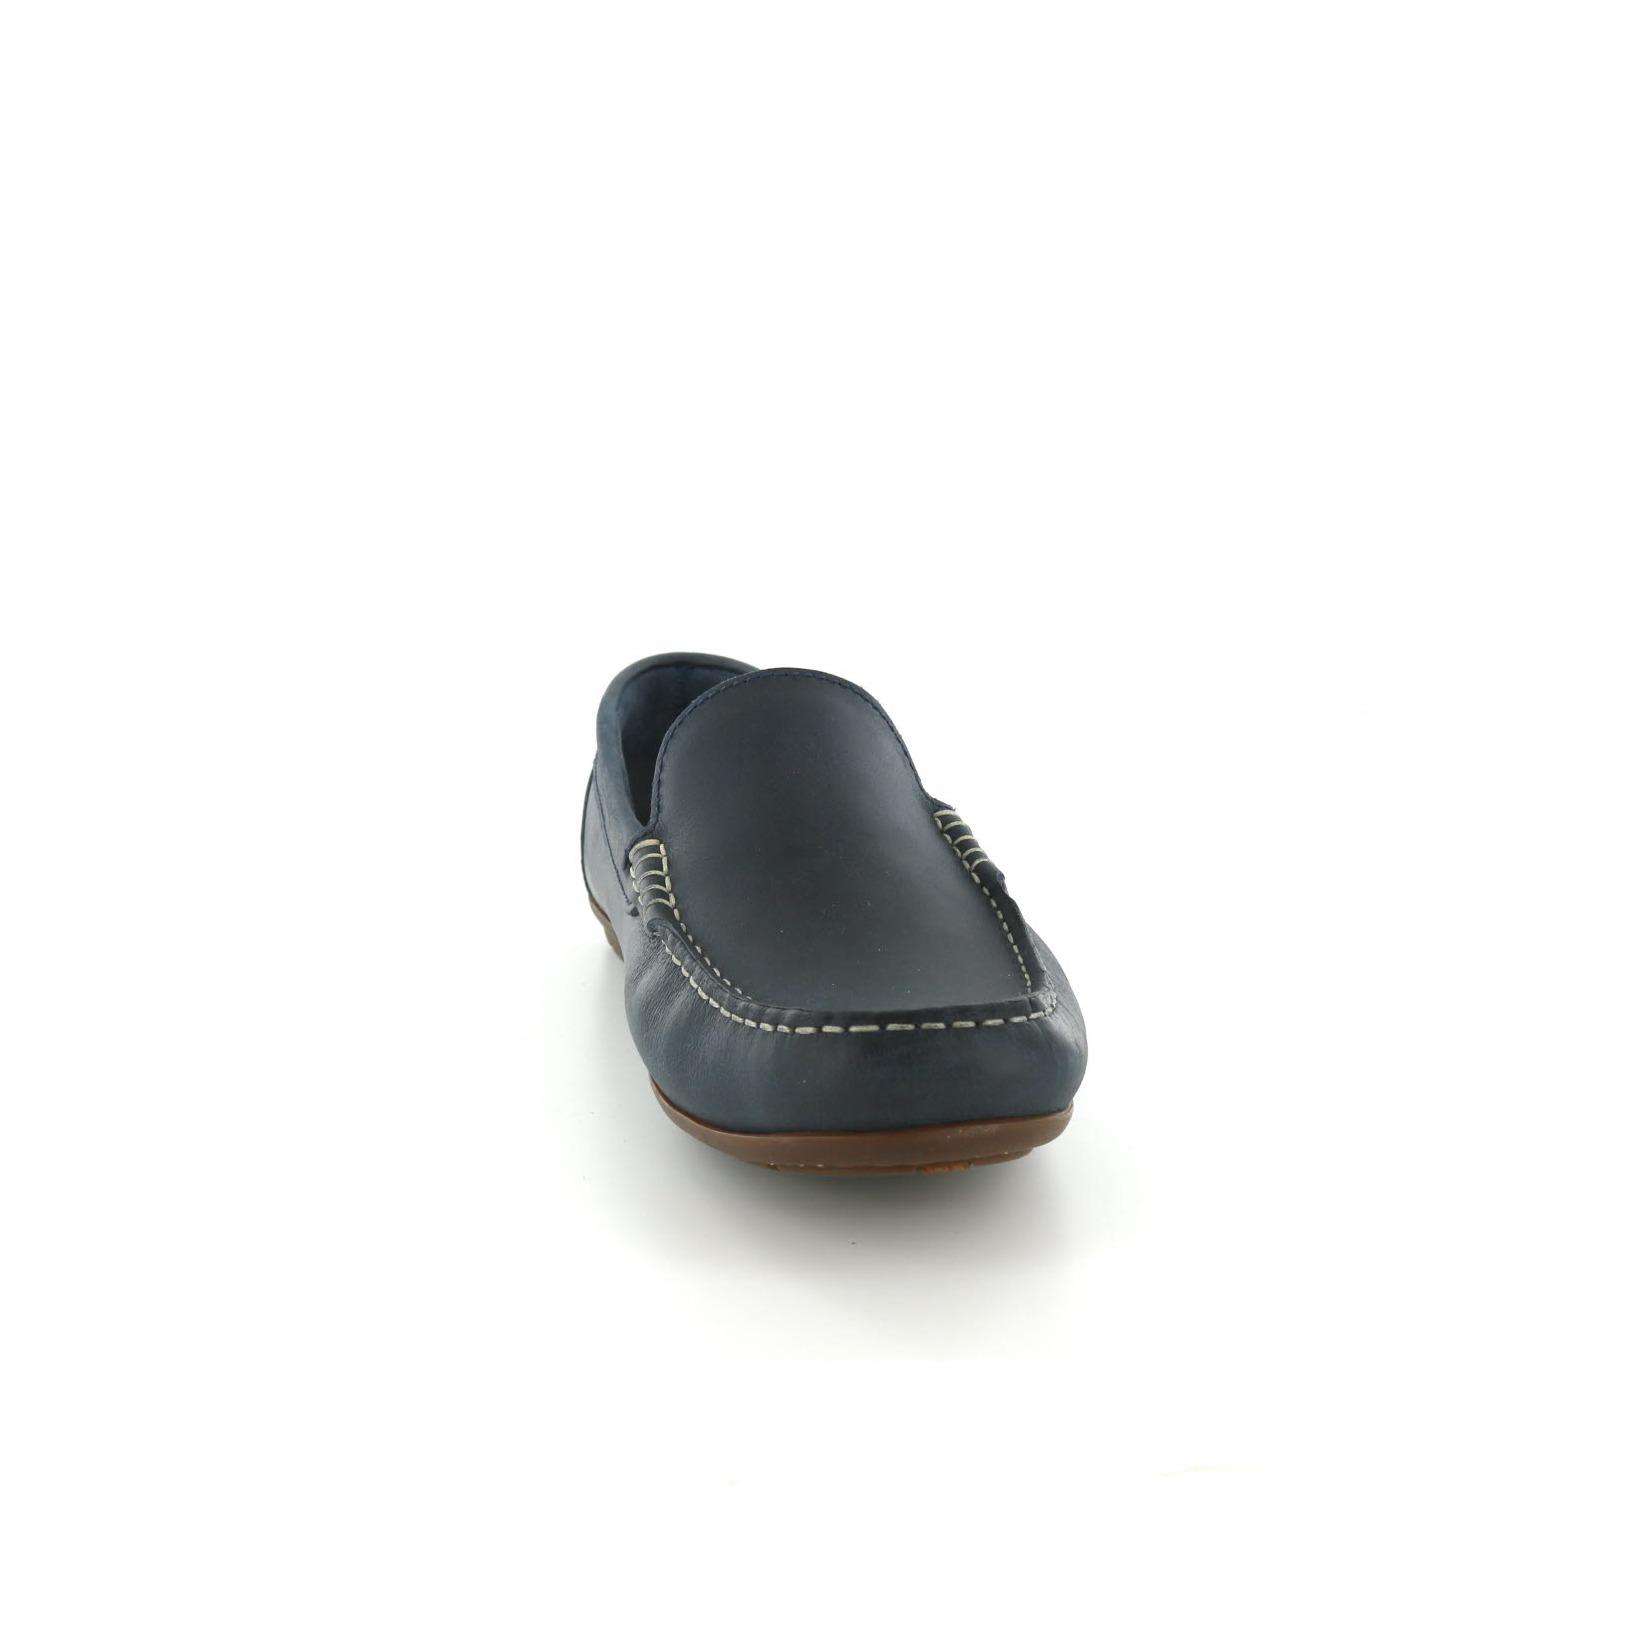 Sypress / Loafers, Blå